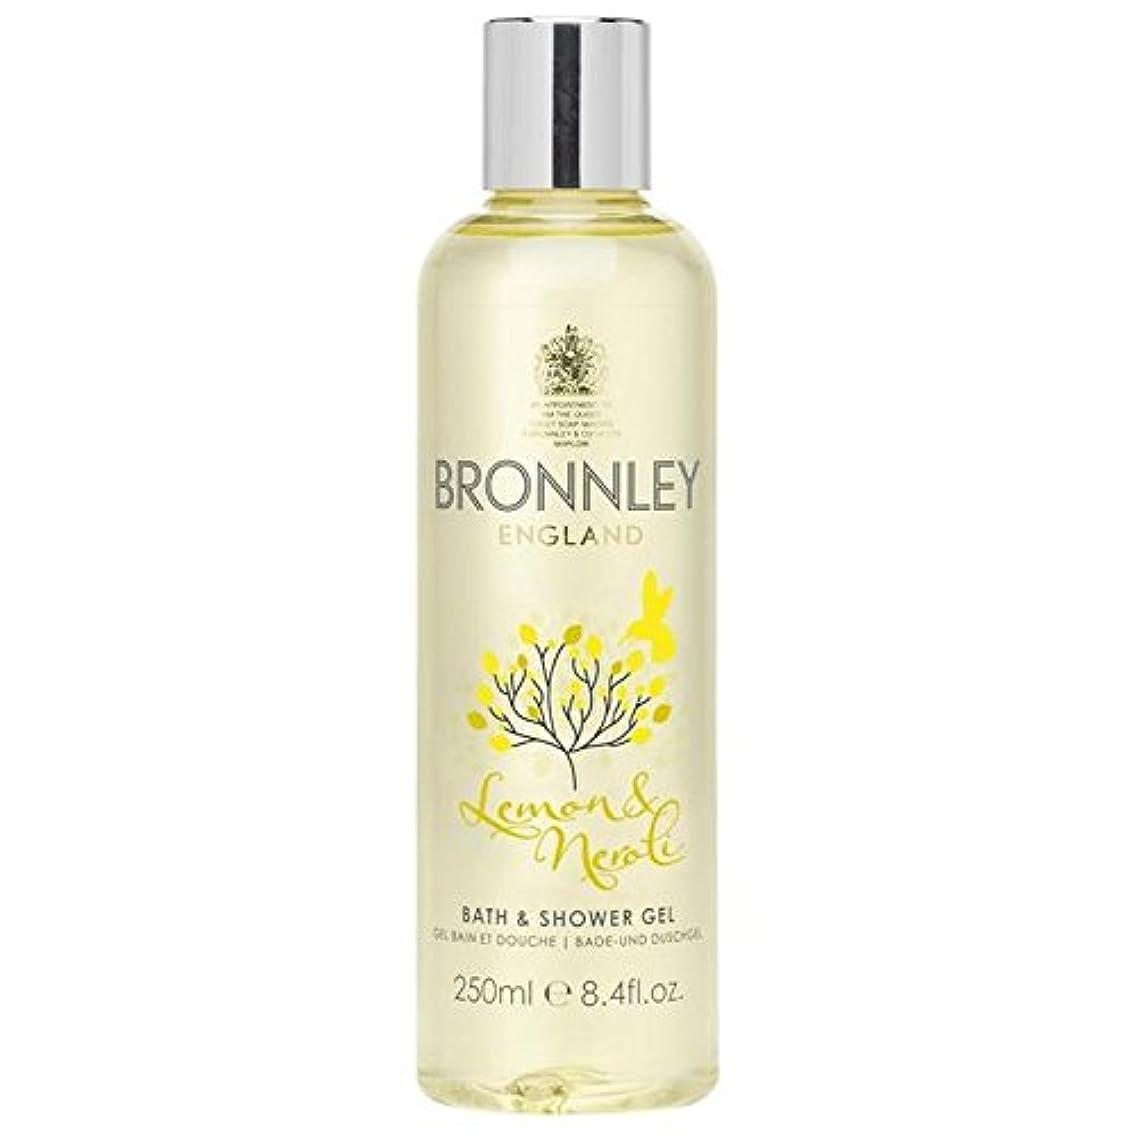 起業家あいにく長老レモン&ネロリバス&シャワージェル250ミリリットル x2 - Bronnley Lemon & Neroli Bath & Shower Gel 250ml (Pack of 2) [並行輸入品]